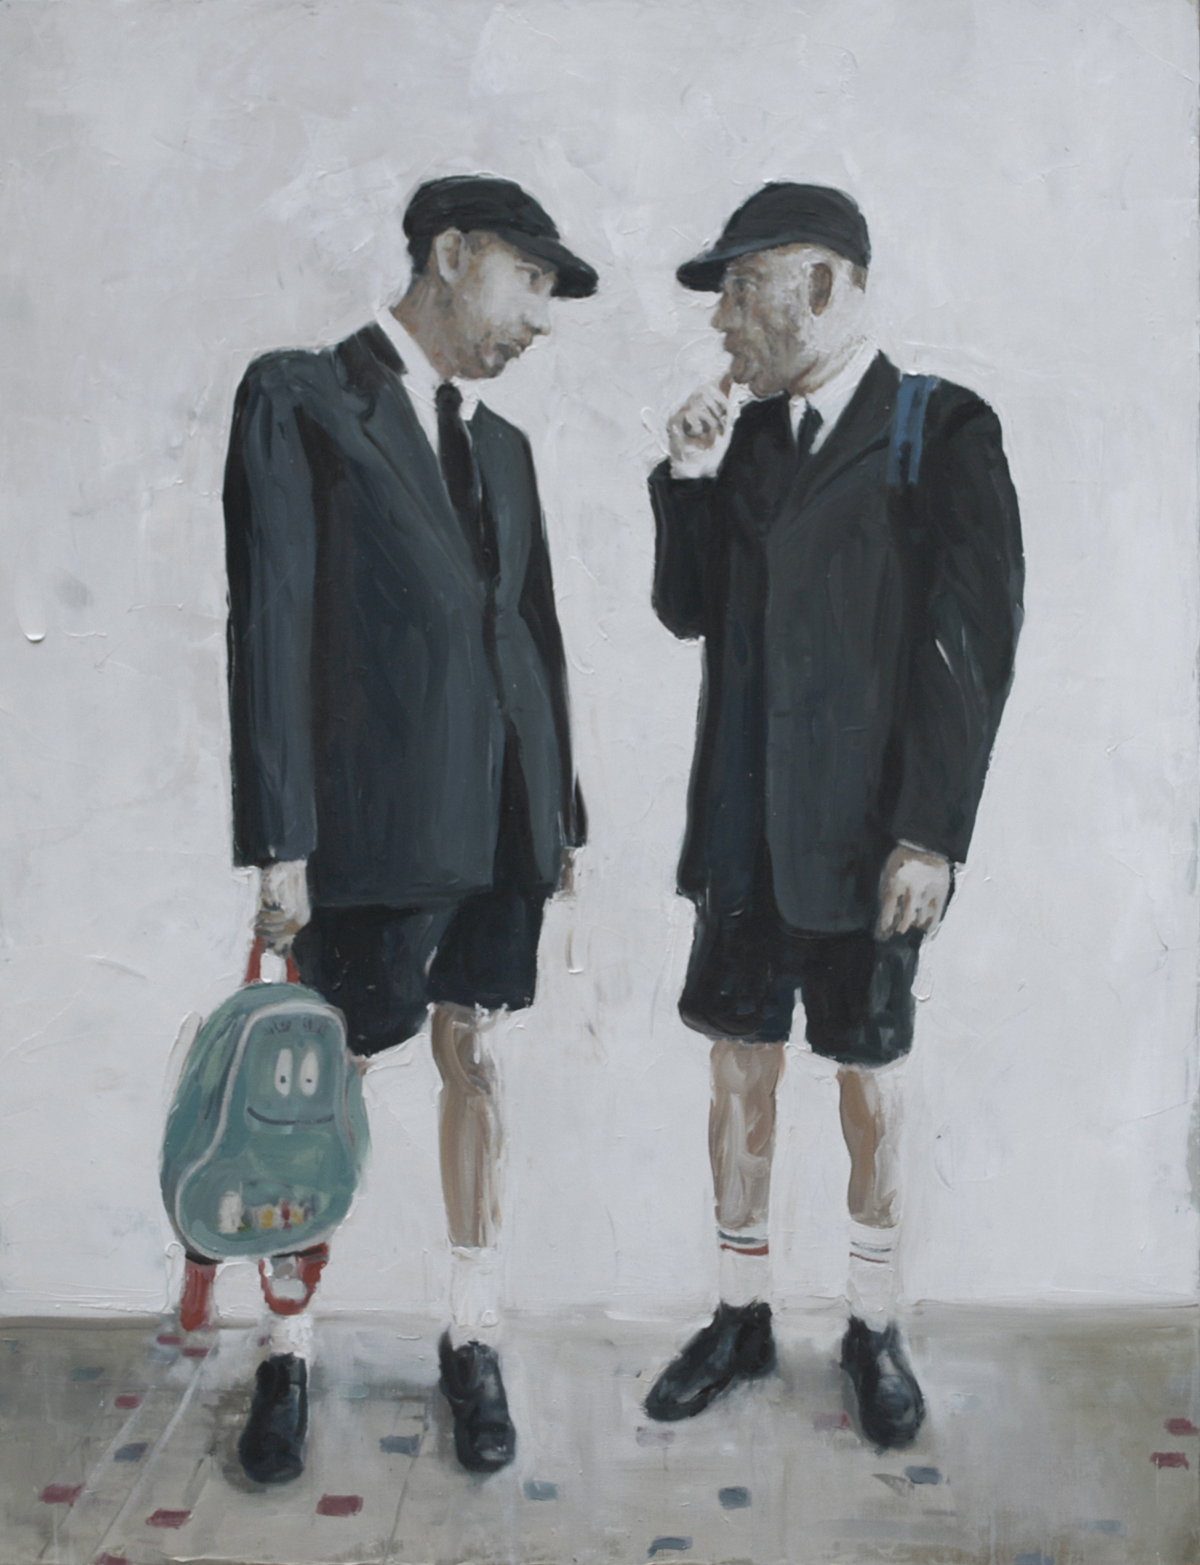 Les écoliers, 2012 Huile sur toile, 86 x 116 cm ©Vincent Ruffin